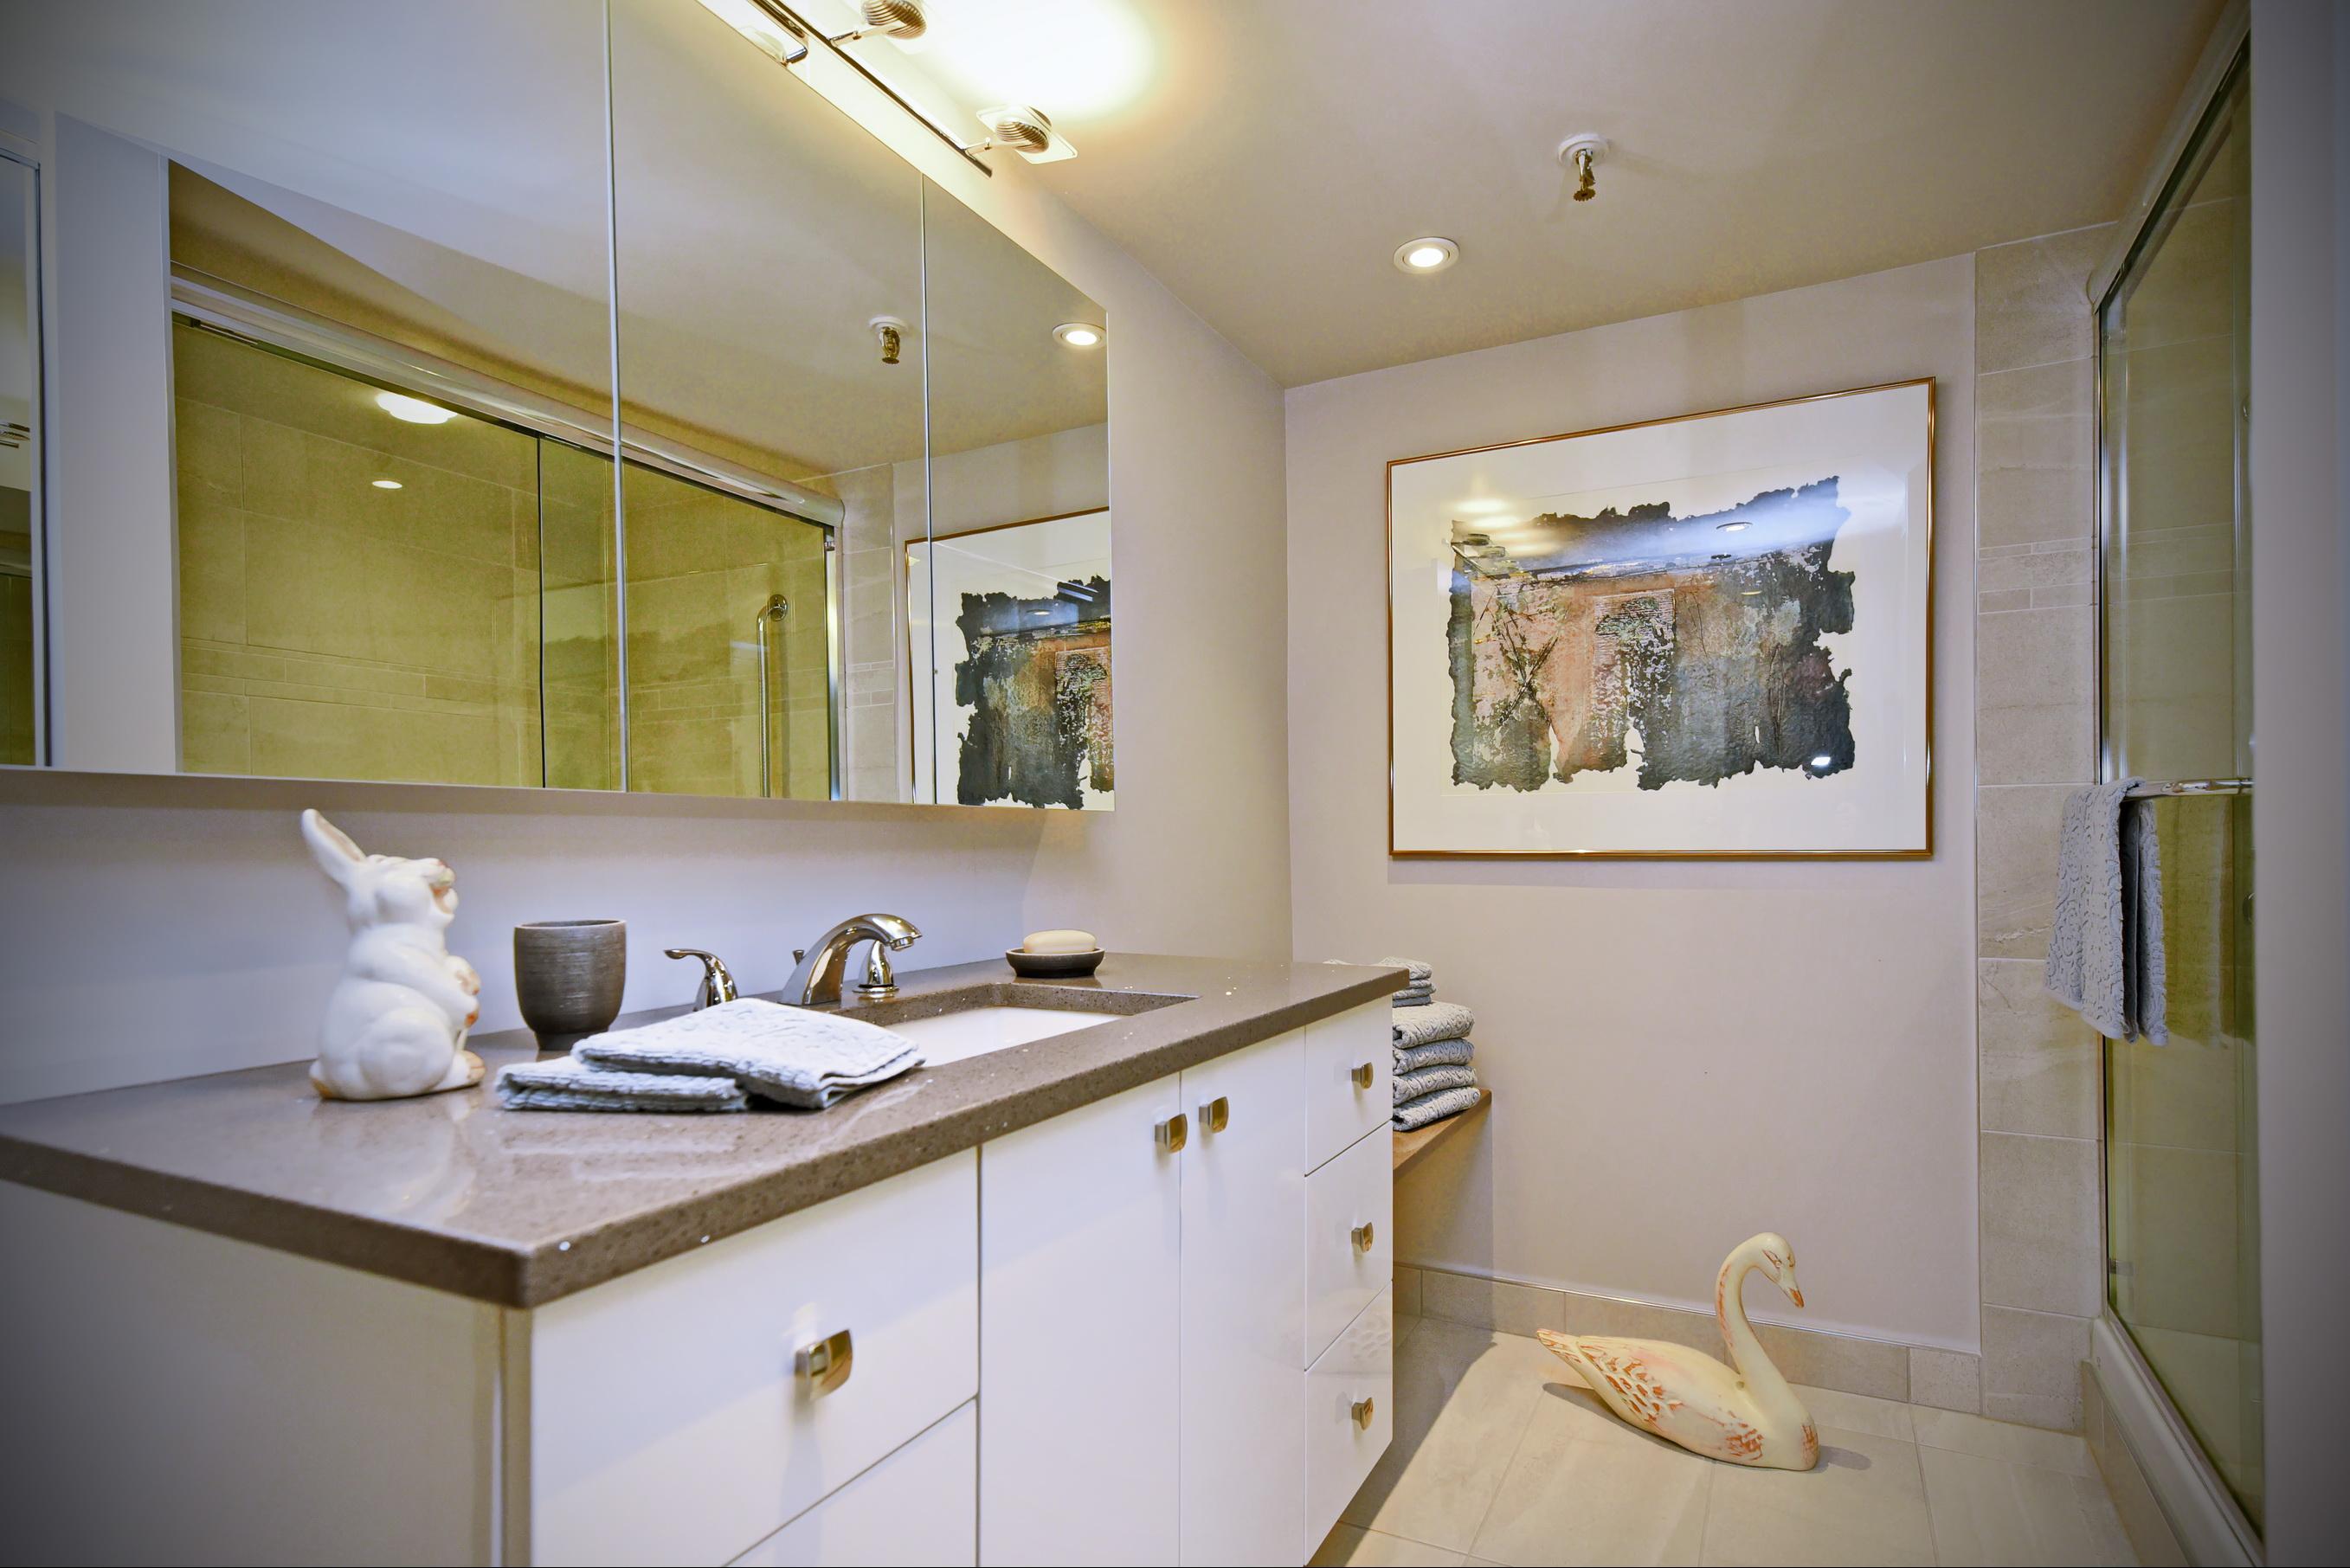 R novation d 39 une salle de bain laval 12 salle de for Renovation salle de bain laval